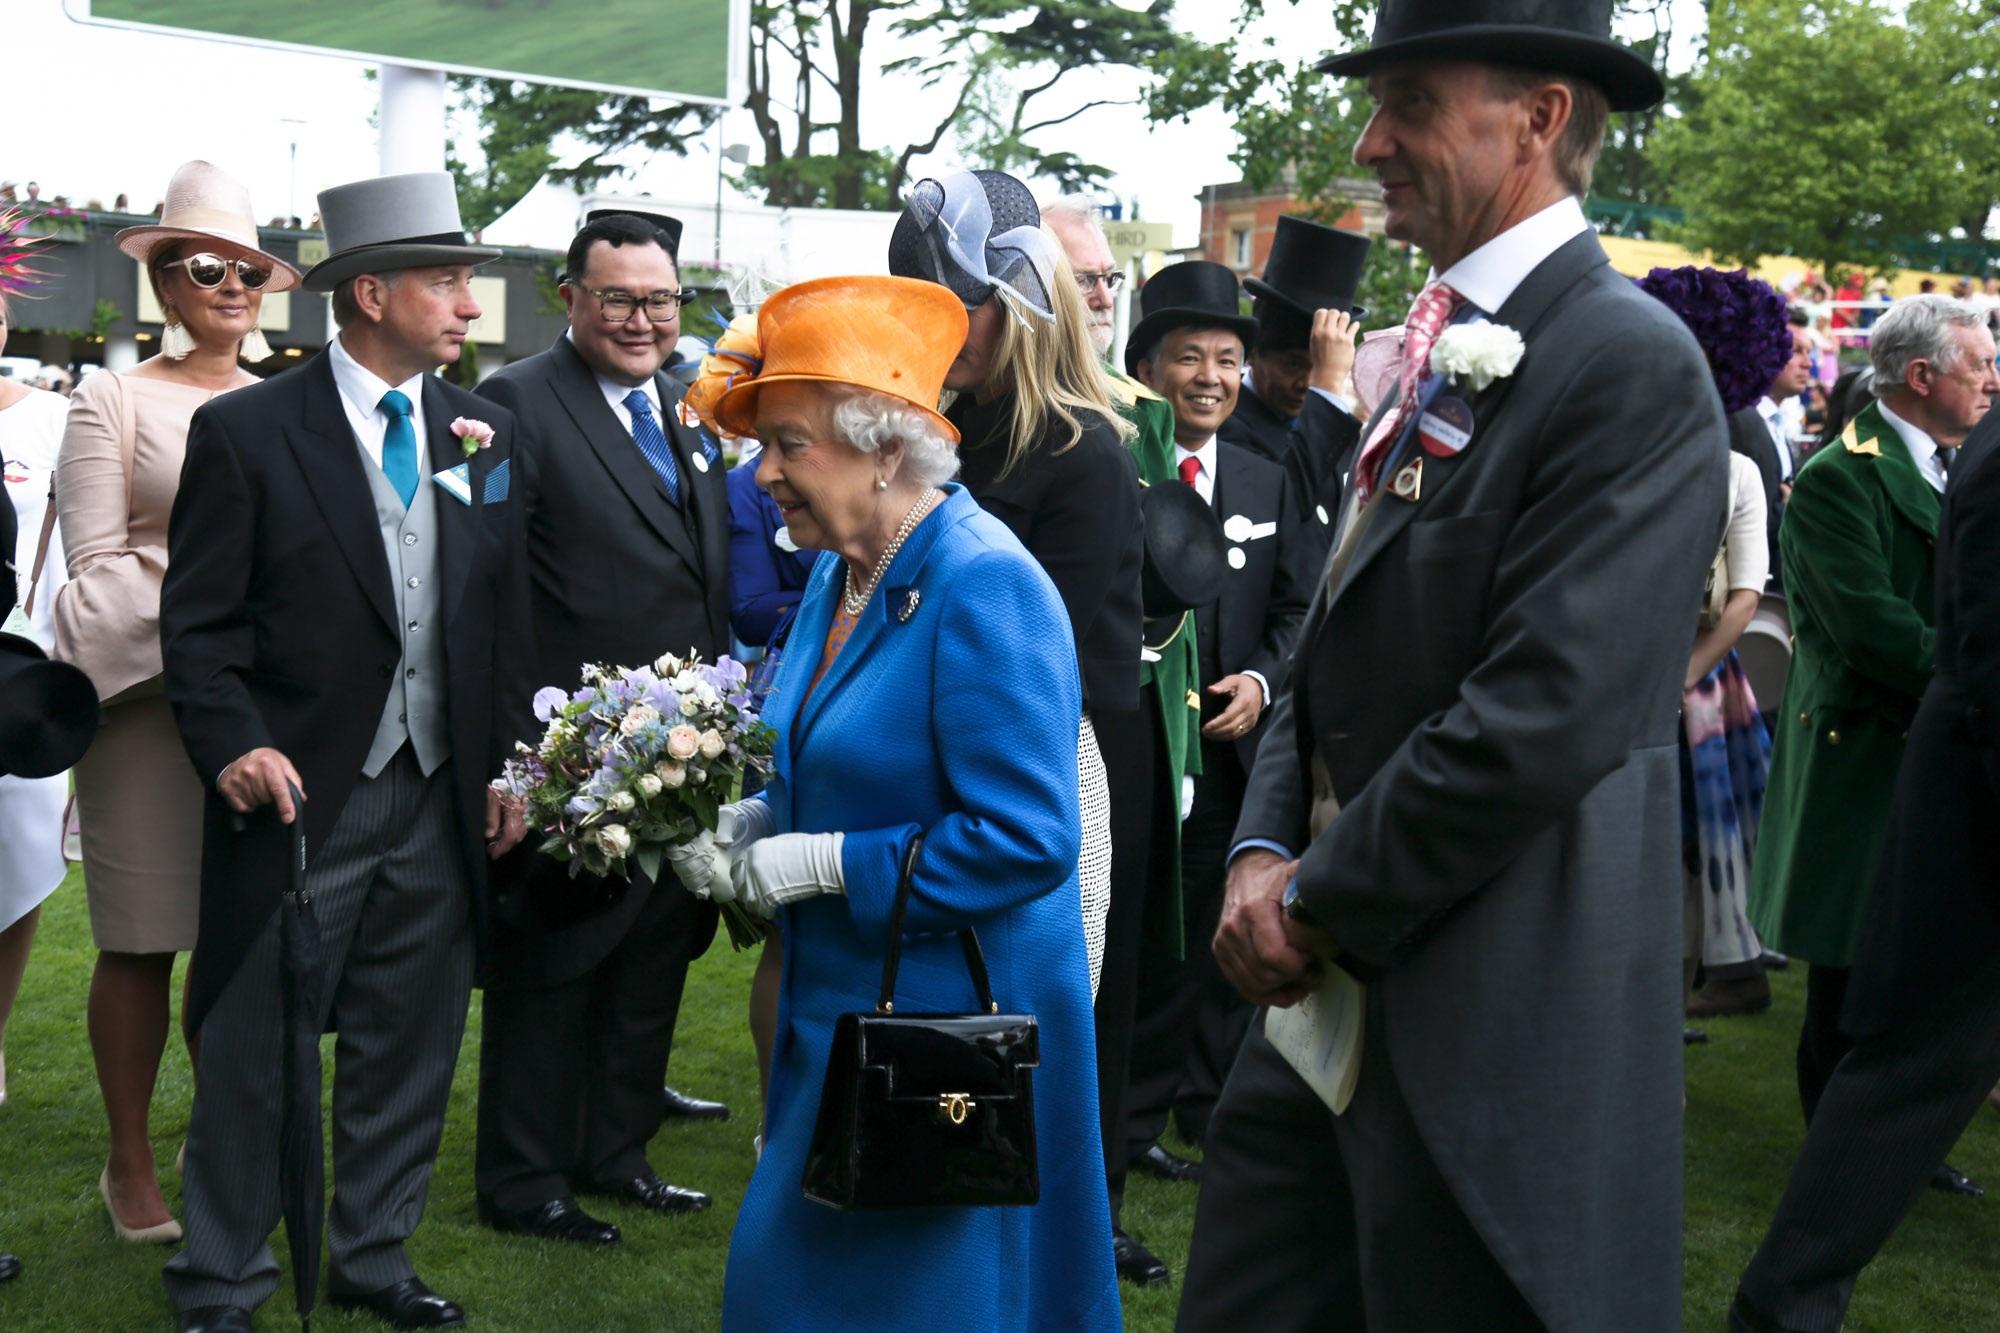 Dustin Nguyễn - Bebe dự đua ngựa mừng sinh nhật nữ hoàng Anh 90 tuổi - 8